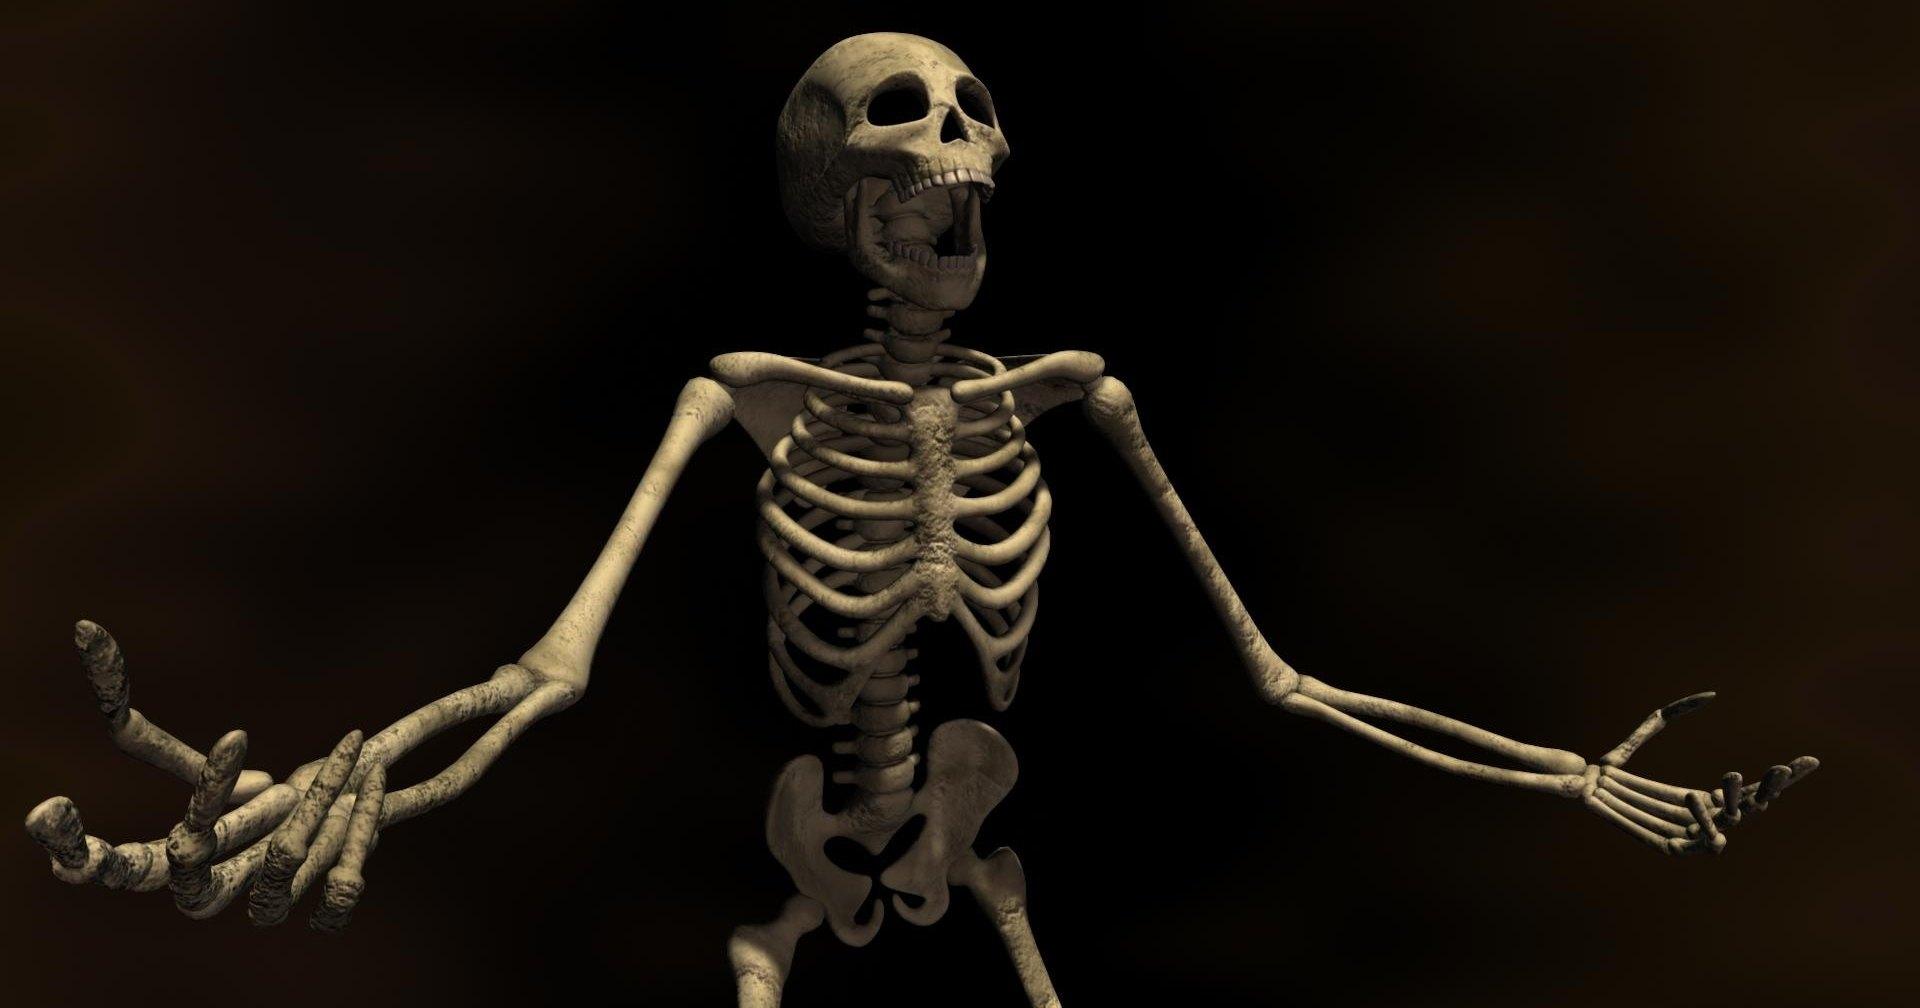 Американец оштрафован за езду при помощи скелета